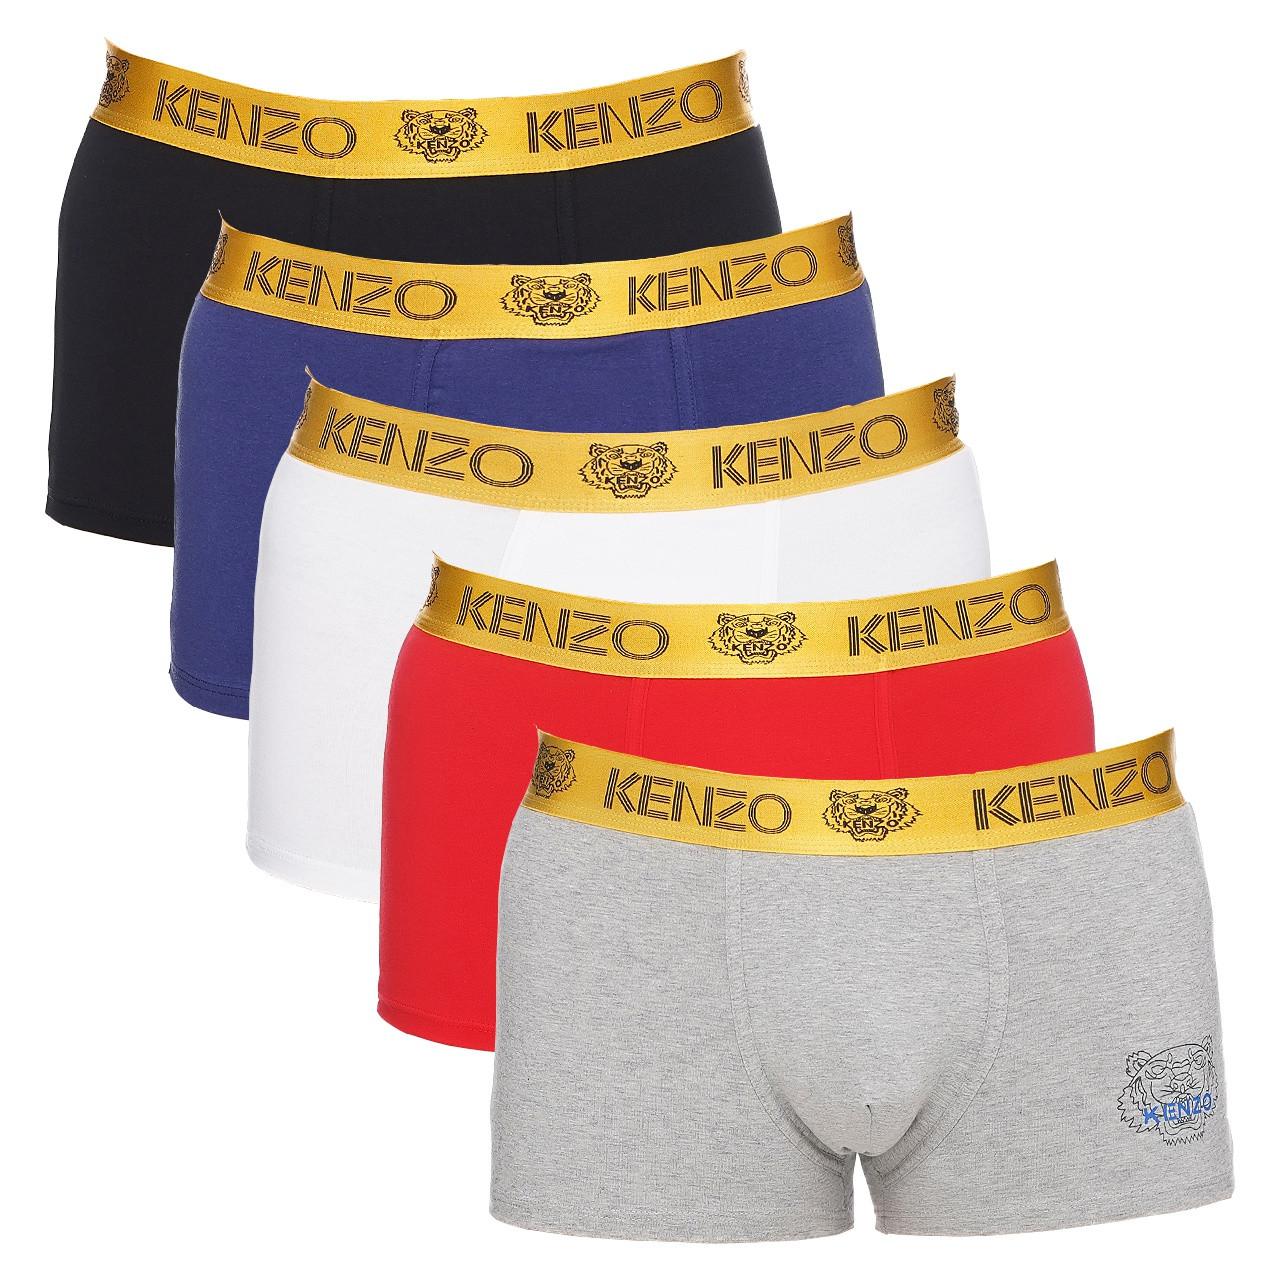 Набор мужских трусов боксеров Kenzo Кензо (5шт.) в поодарочной коробке Размер L